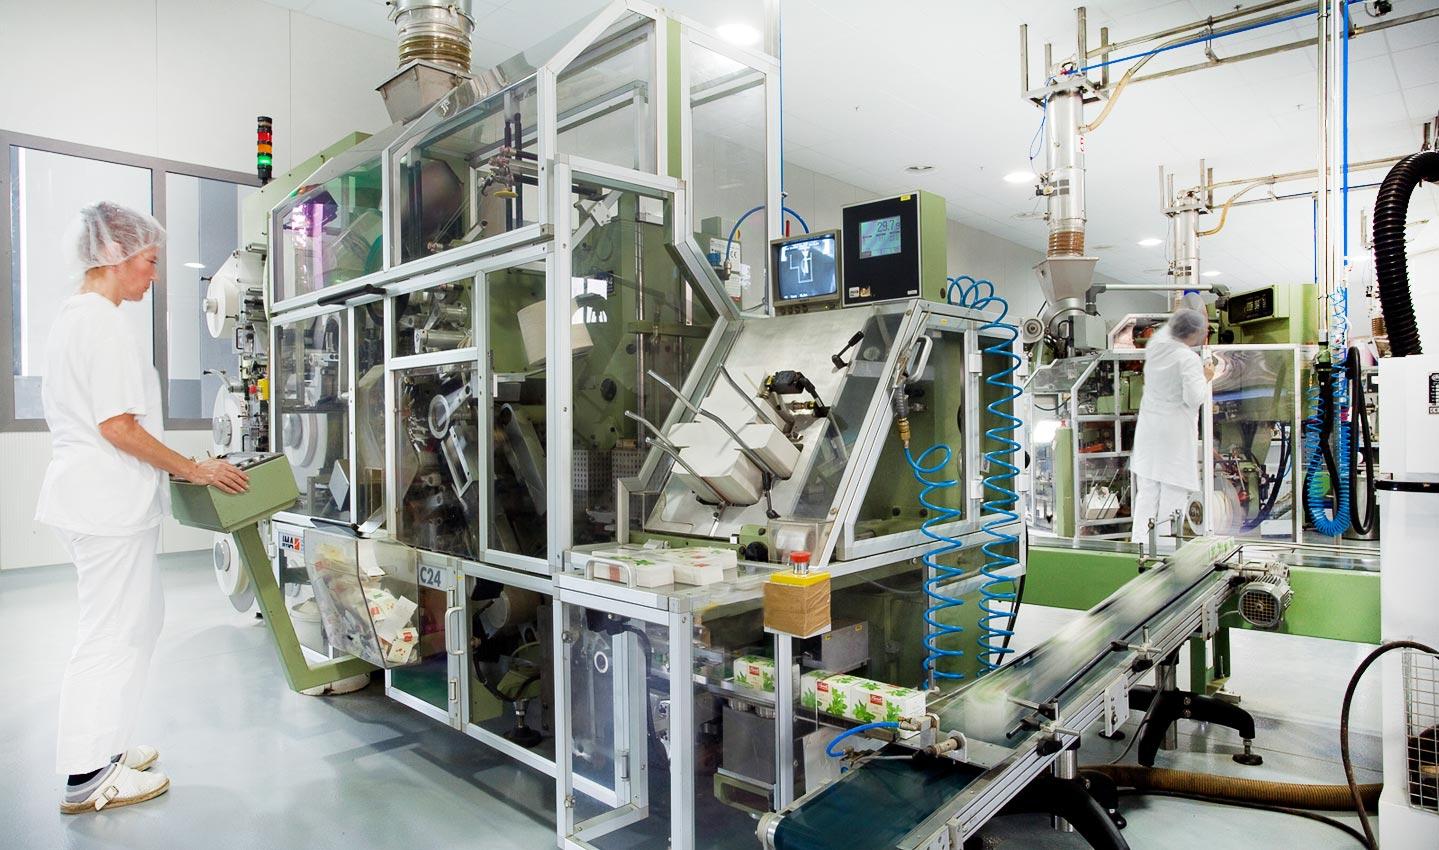 Moderni pogon za proizvodnju čajeva